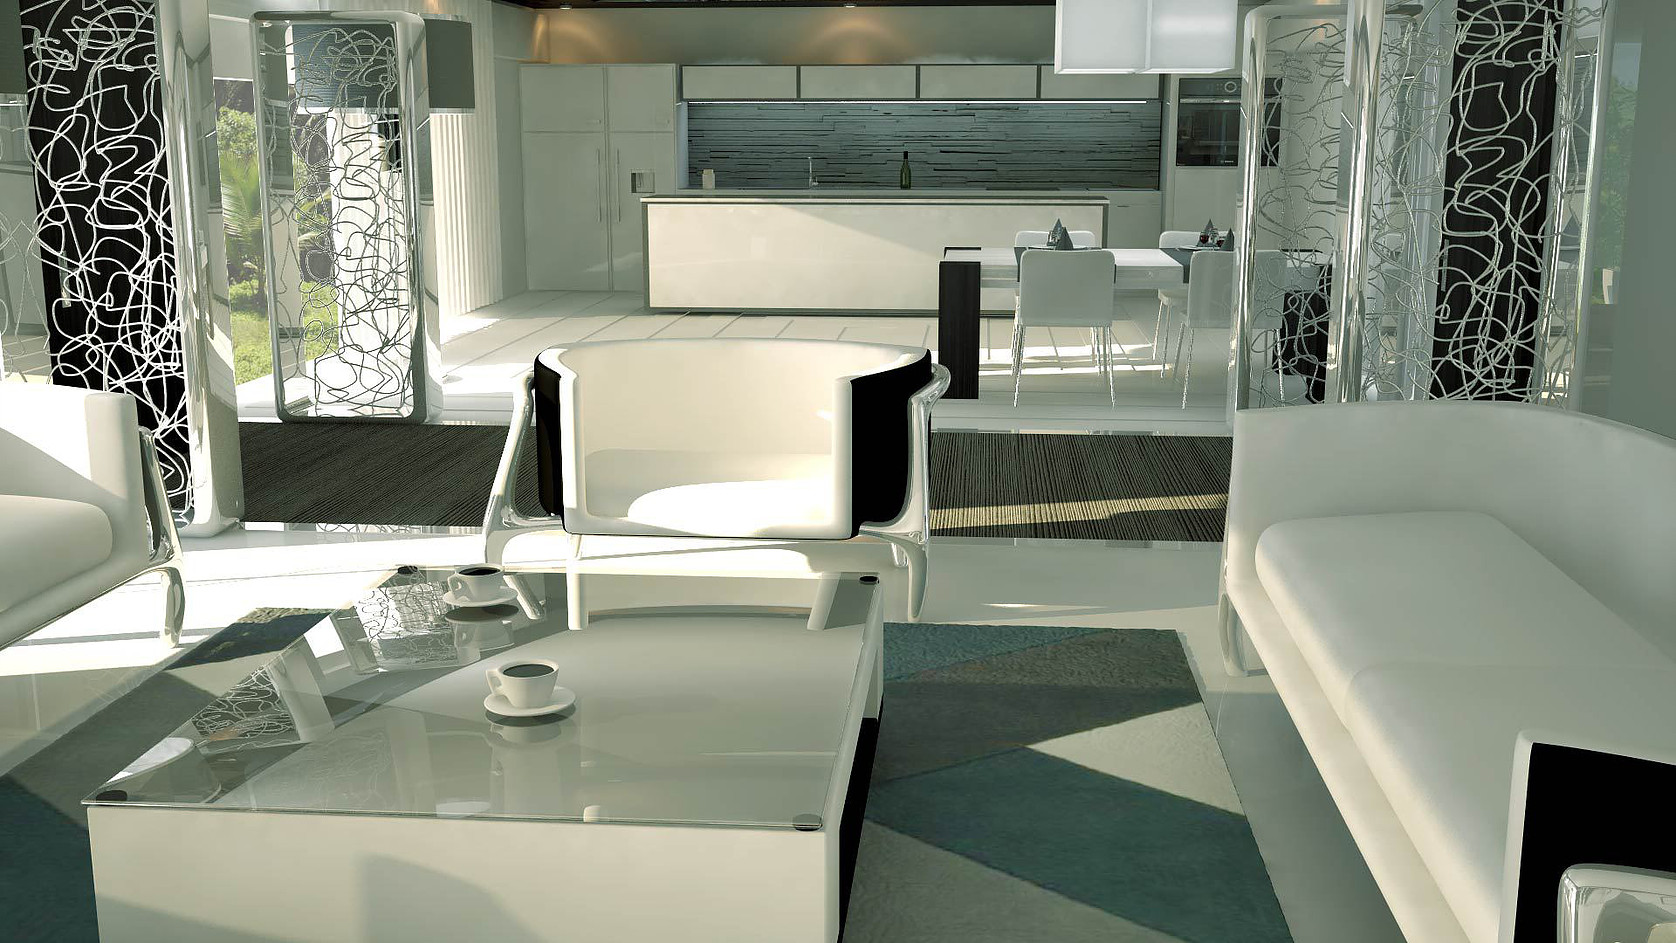 affichage dynamique, identité visuelle, agence de communication rennes Bretagne, studio graphique, motion design, animation 2D/3D, audiovisuel, animation industrielle, architecture 3D